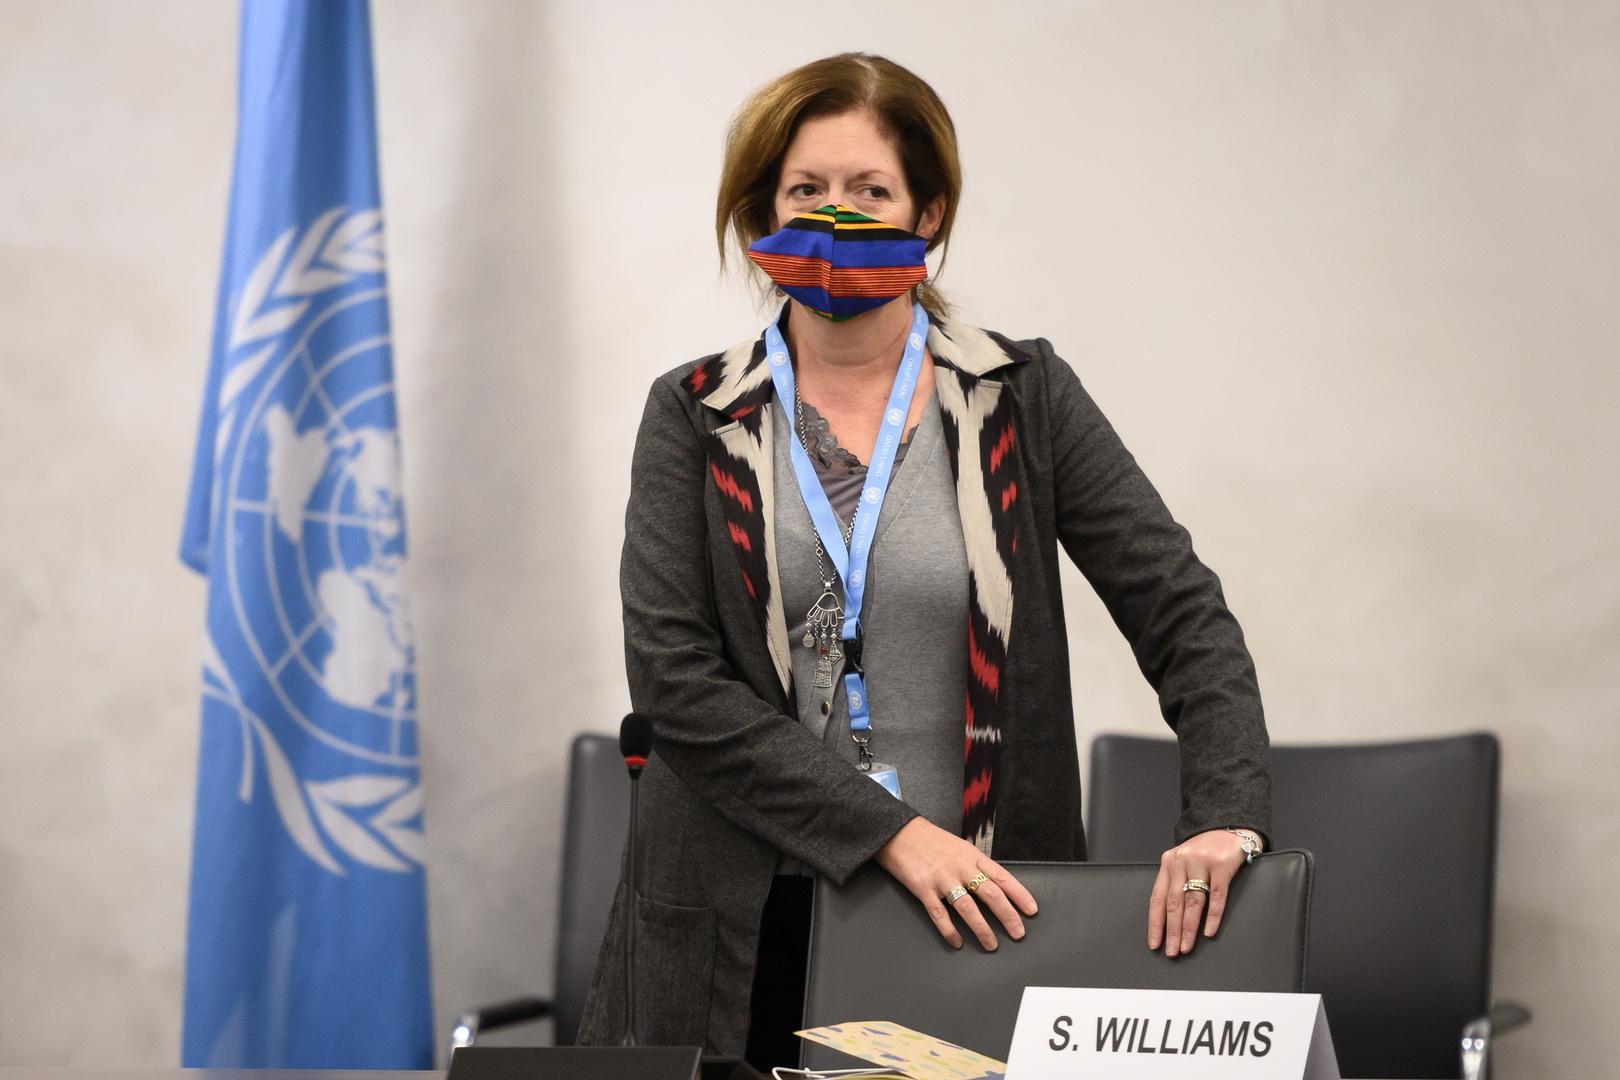 رئيسة بعثة الأمم المتحدة للدعم في ليبيا، بالإنابة، ستيفاني وليامز